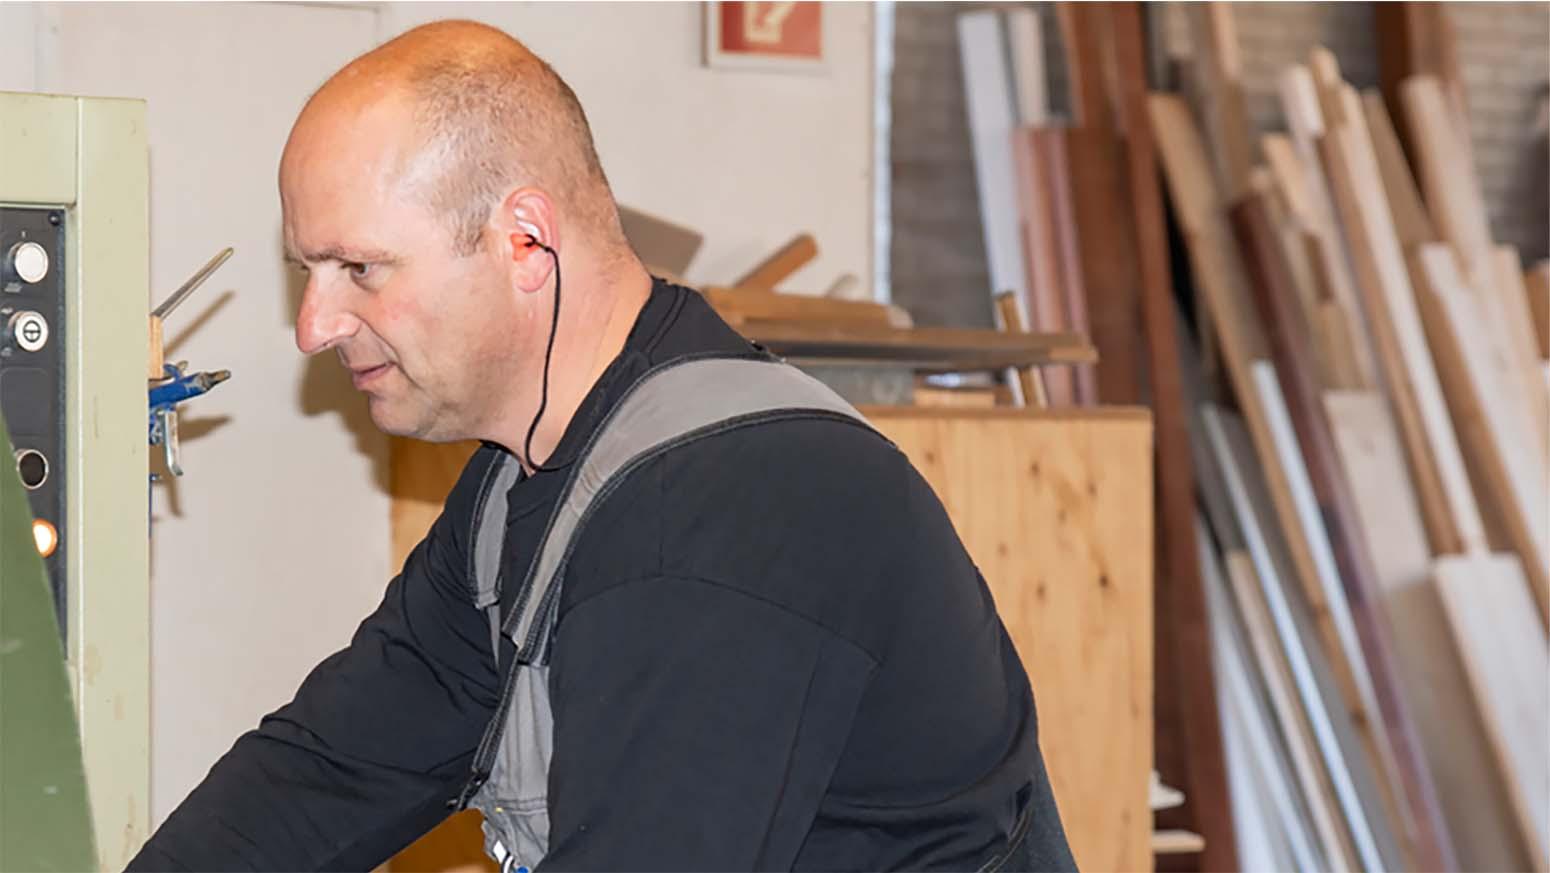 Werknemer Van Moeskops Bouwbedrijf In Bergeijk Die In De Werkplaats Hout Bewerkt